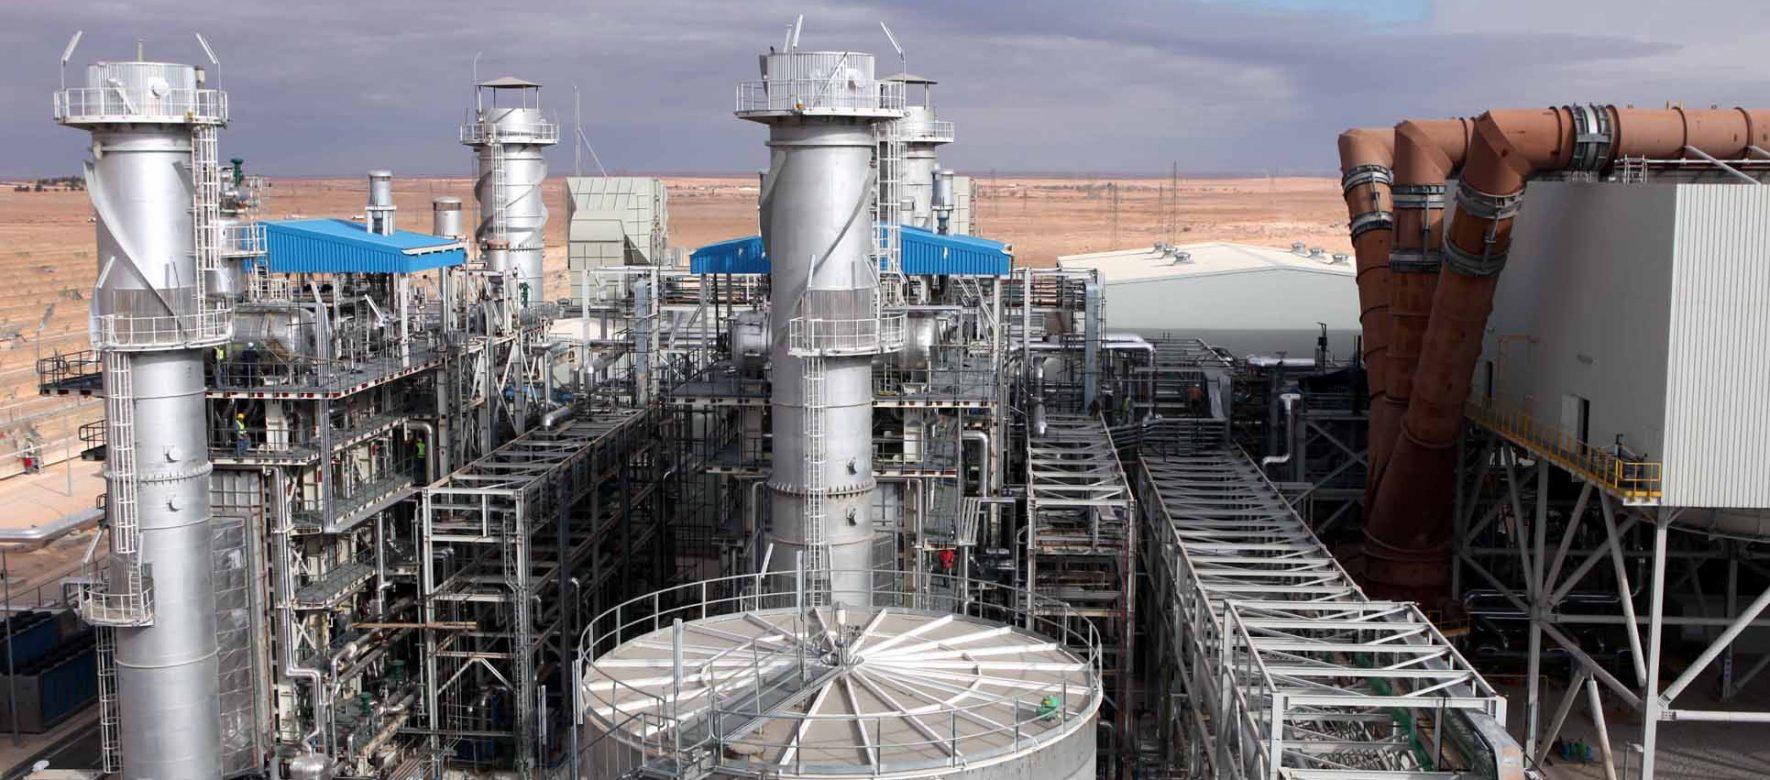 L'Egypte n'exporte plus de gaz naturel depuis le 11 mars en raison de prix trop bas